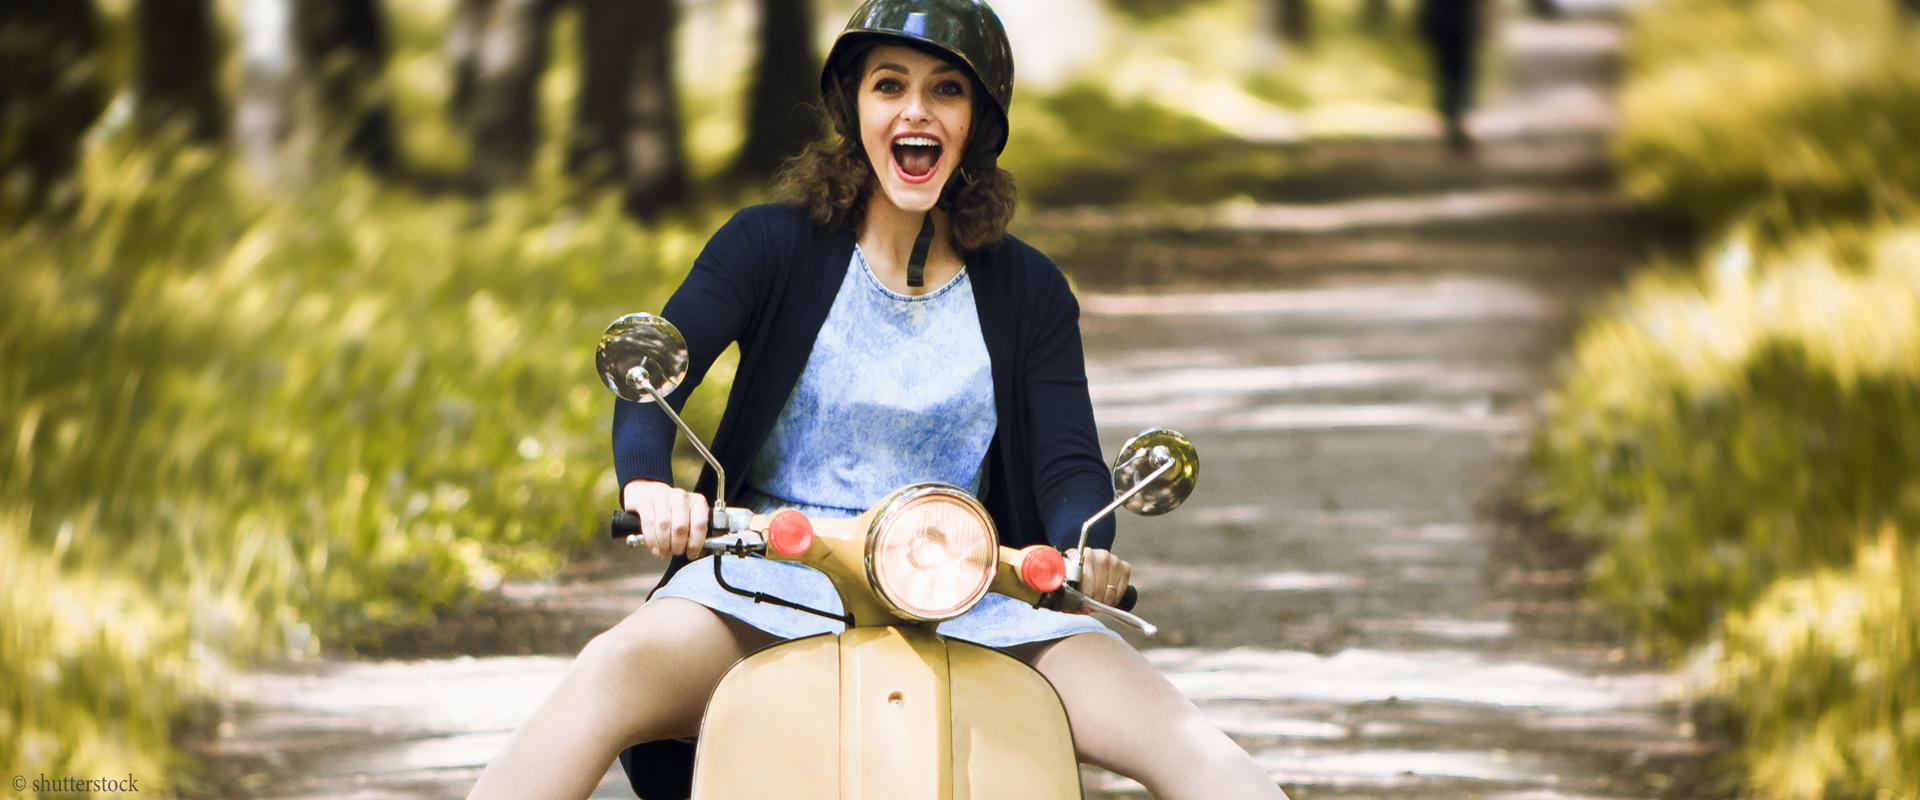 Slider_Moped